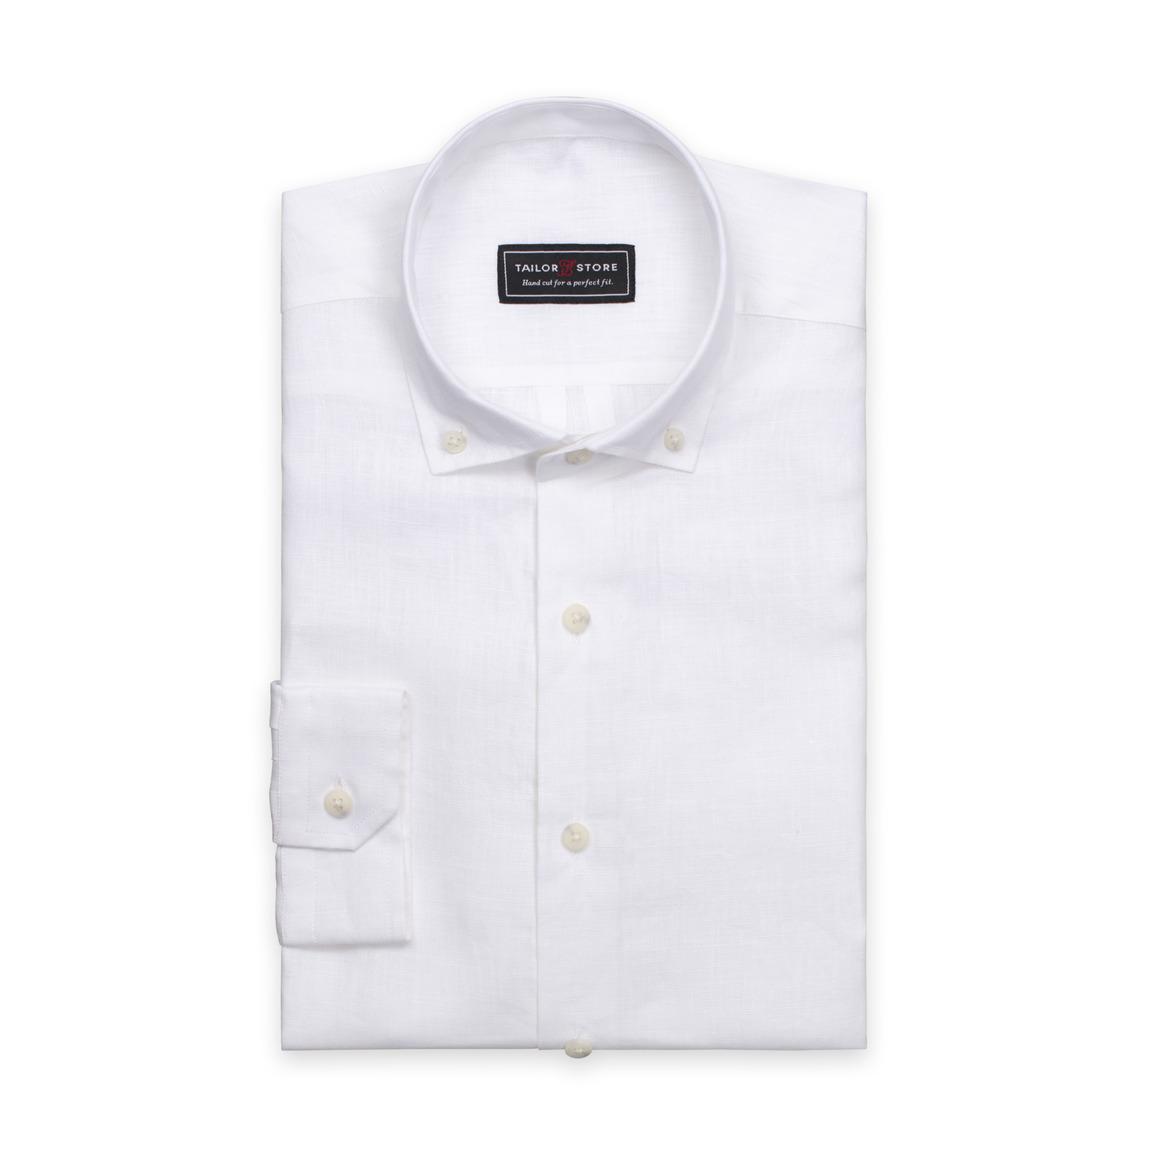 Weißes Leinenhemd mit Button-down Modern Kragen